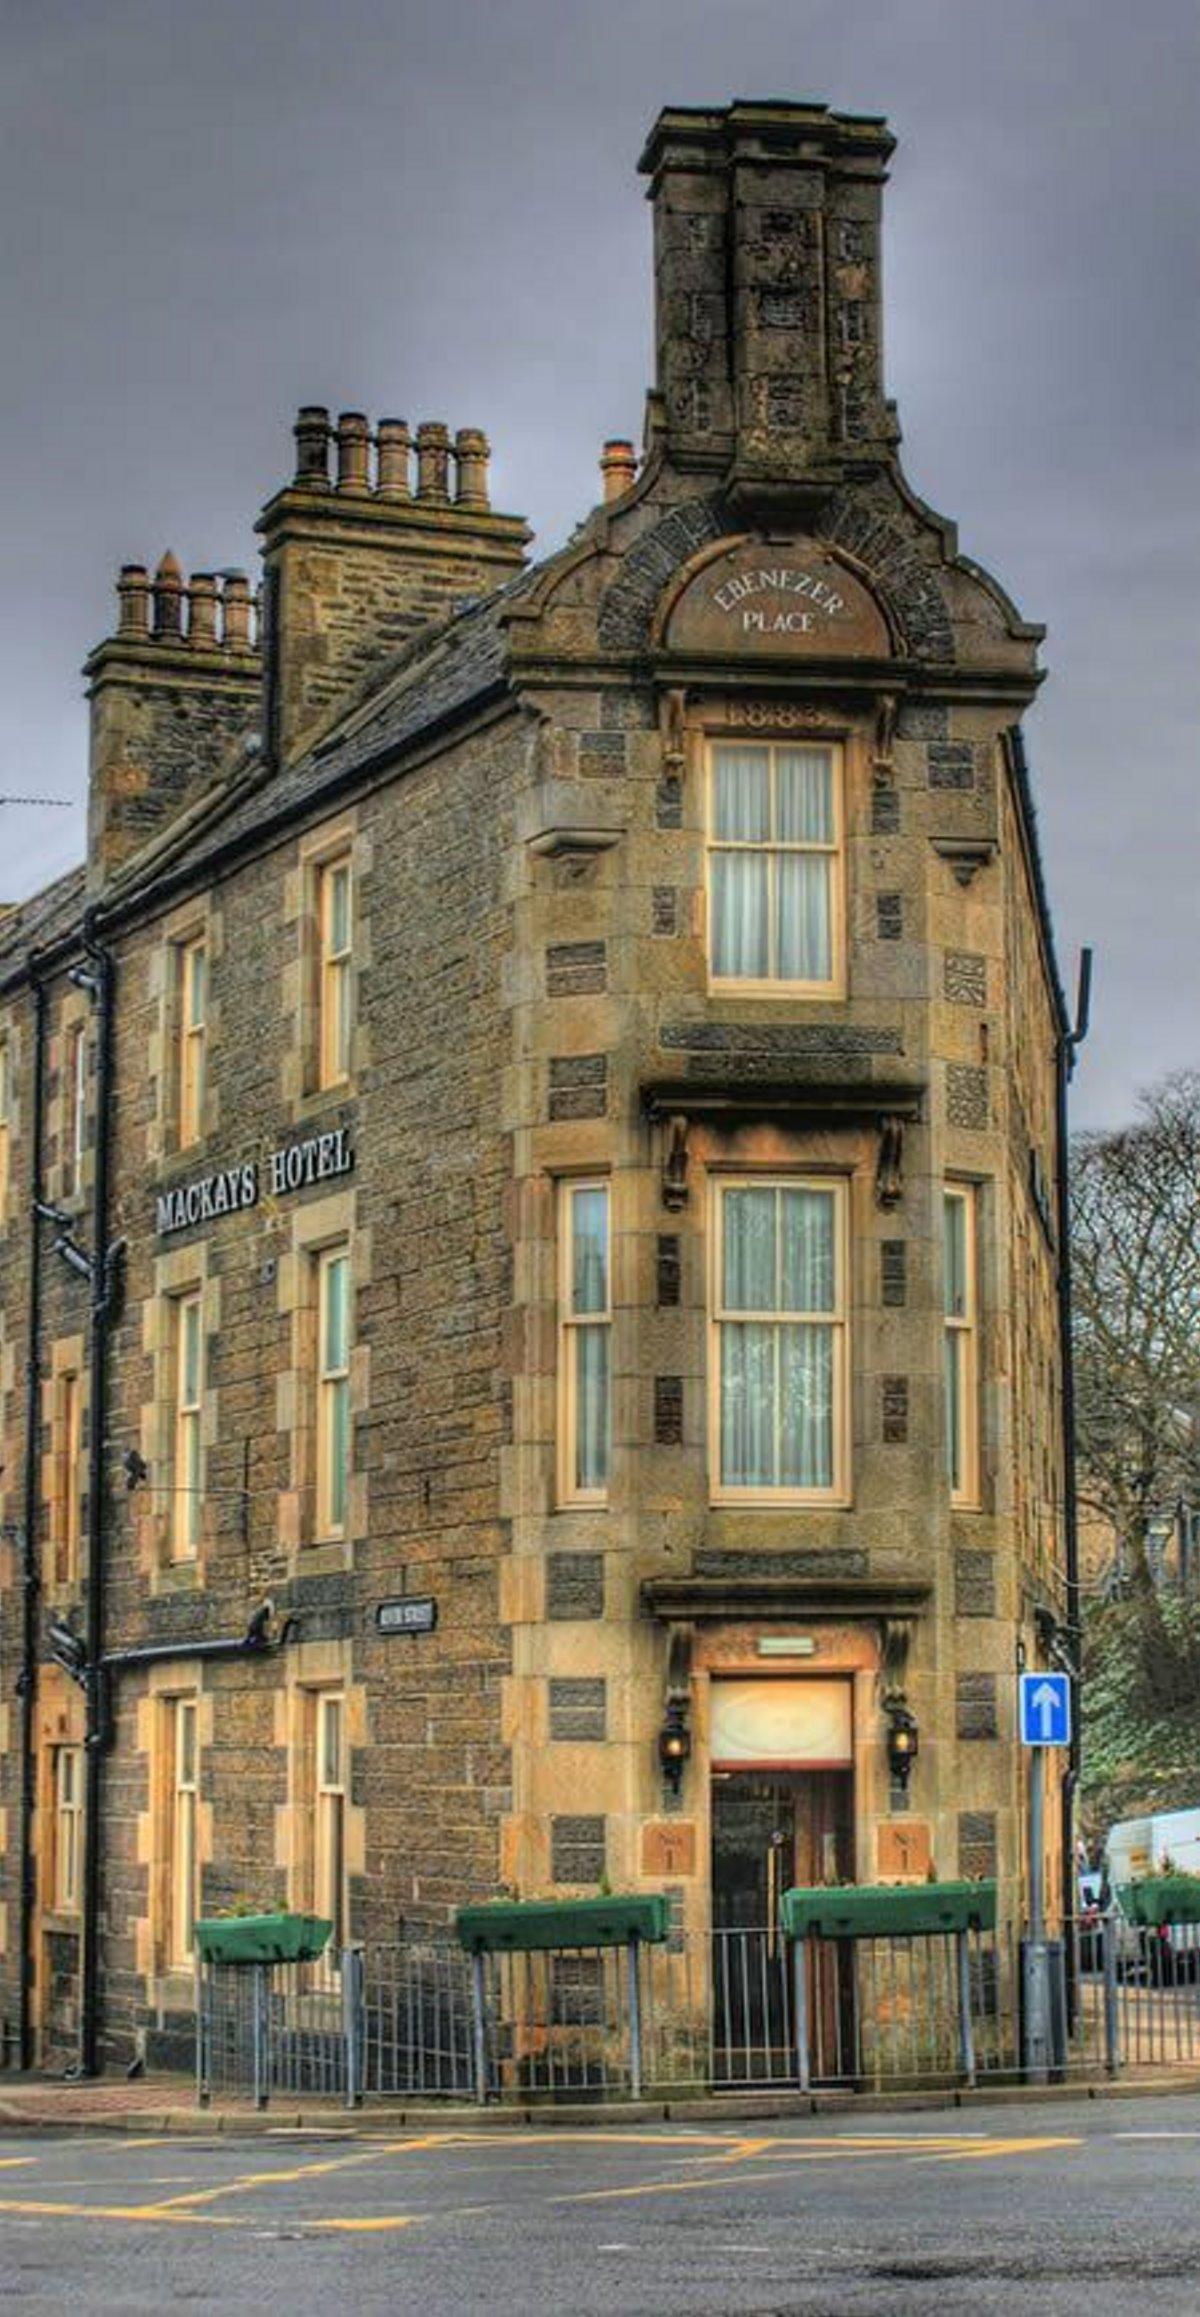 μικρότερος δρόμος στον κόσμο στη Σκωτία και στα Ρεκόρ Γκίνες